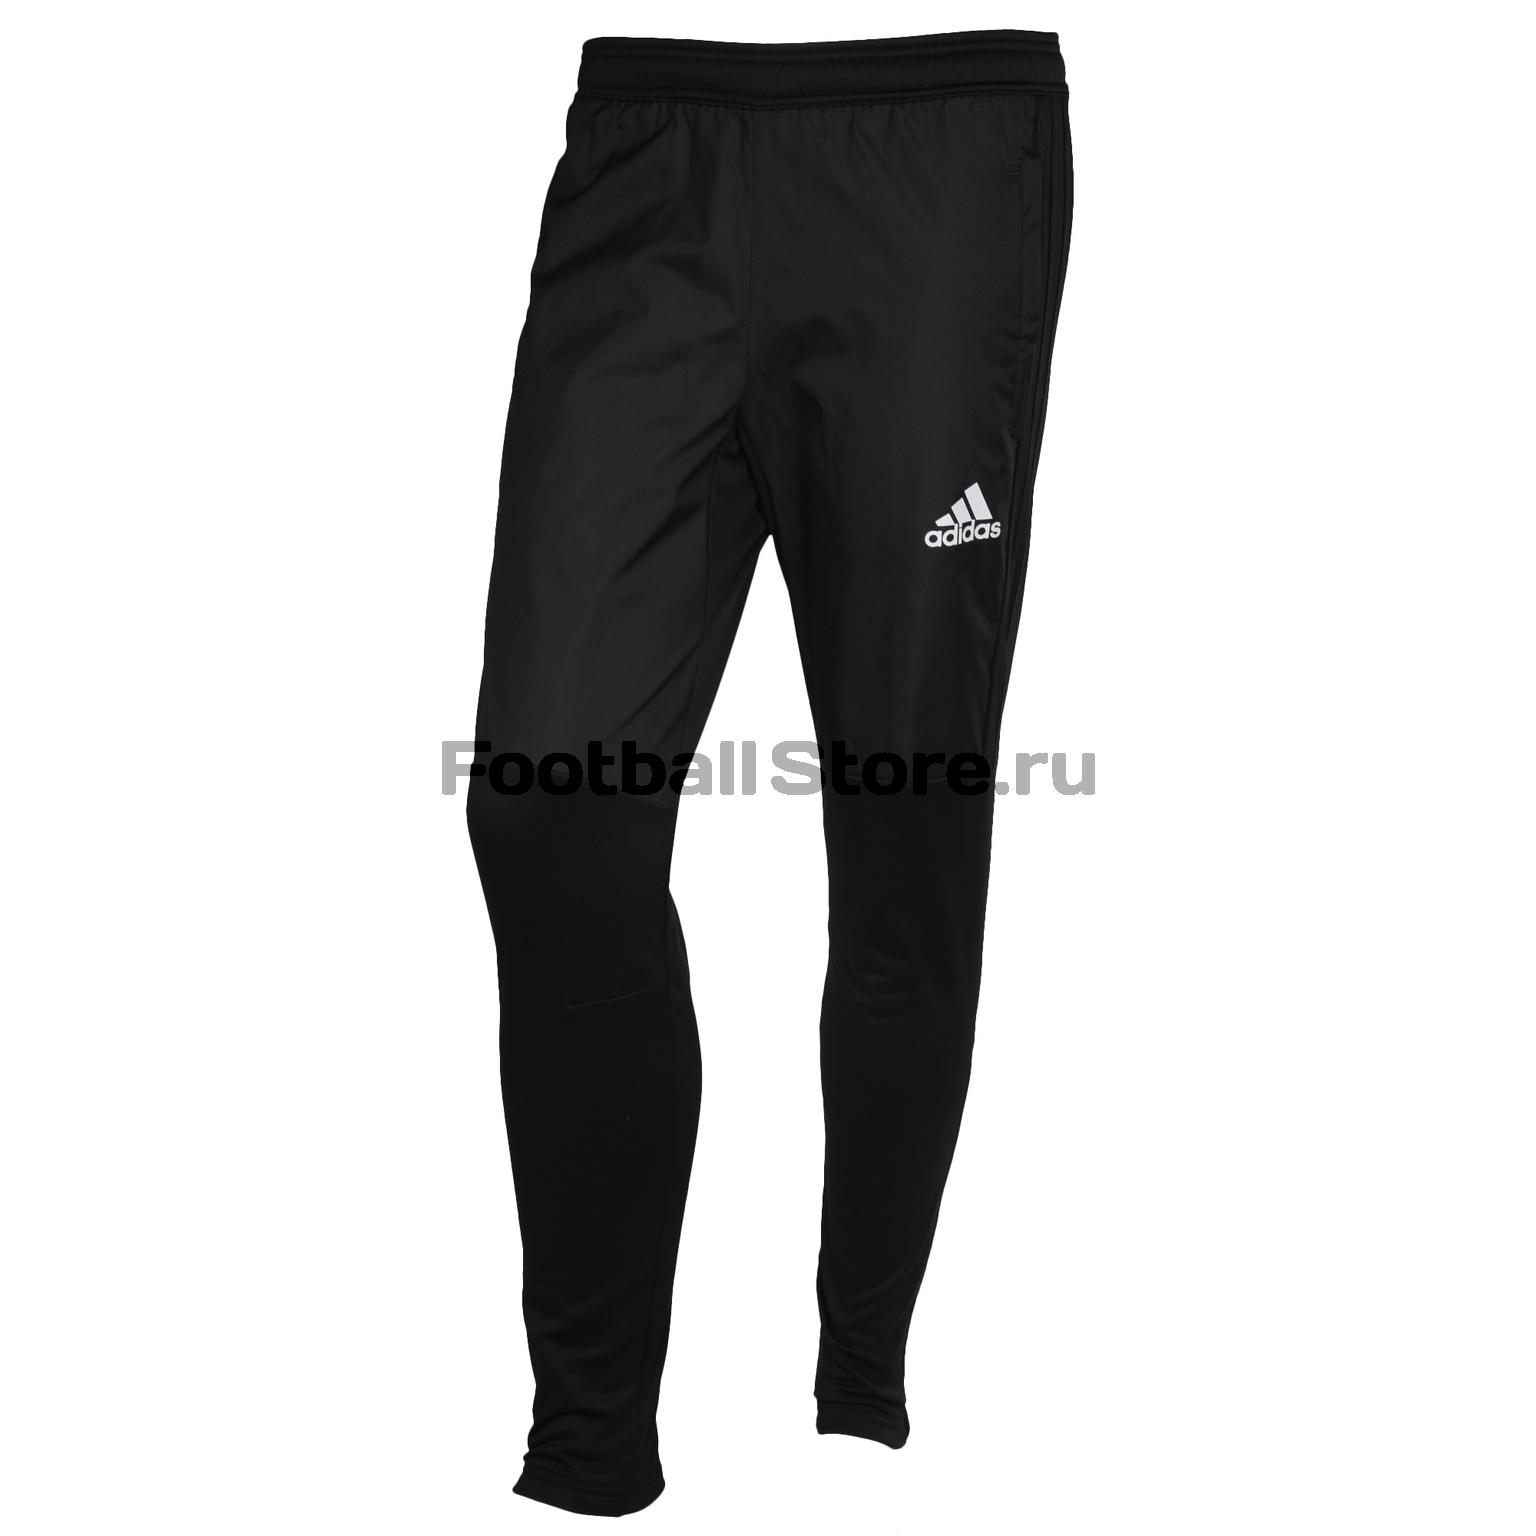 Брюки тренировочные Adidas Tiro17 Warm PNT AY2983 брюки adidas брюки тренировочные adidas tiro17 rn pnt ay2896